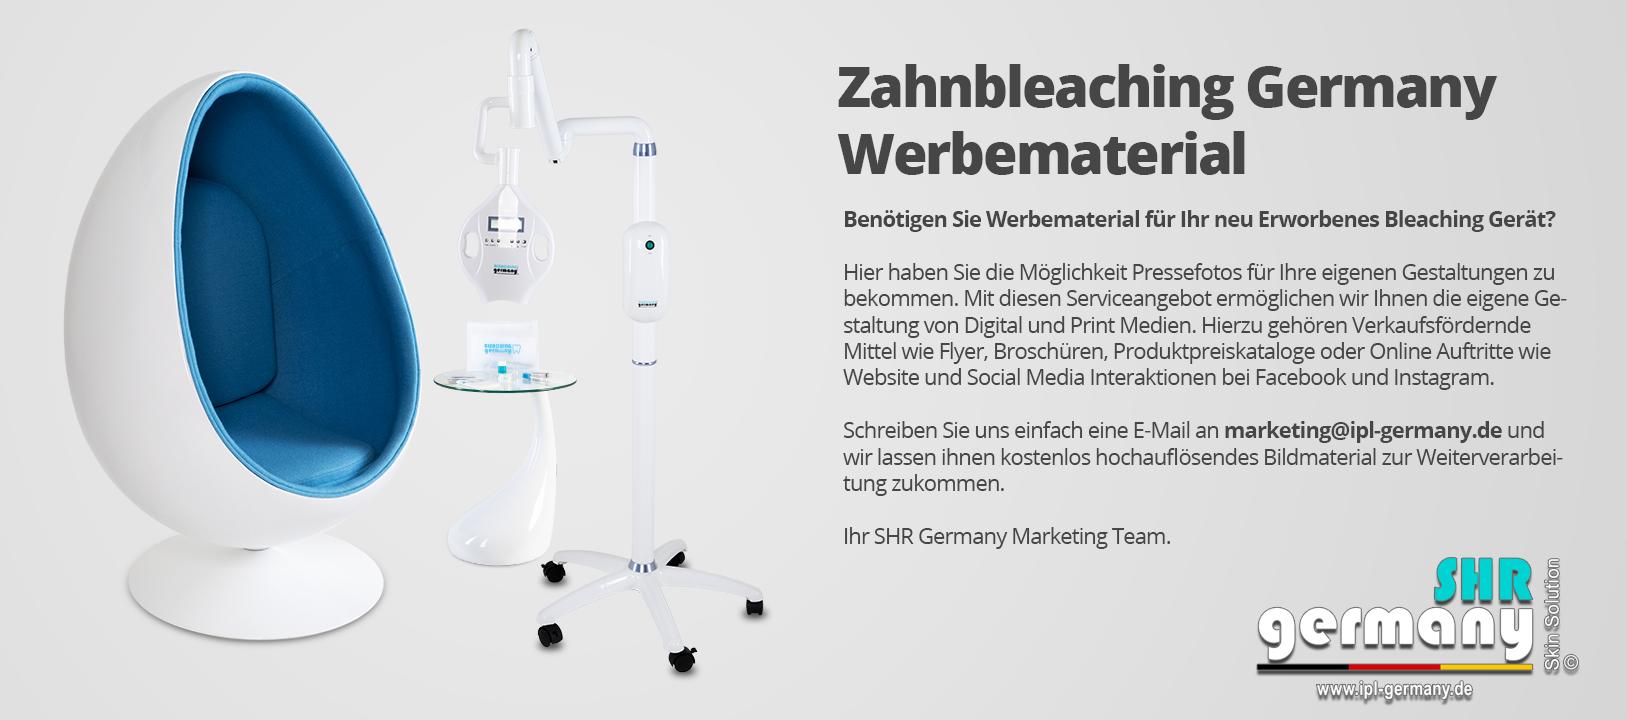 SHR_Germany_Bleaching_Werbematerial